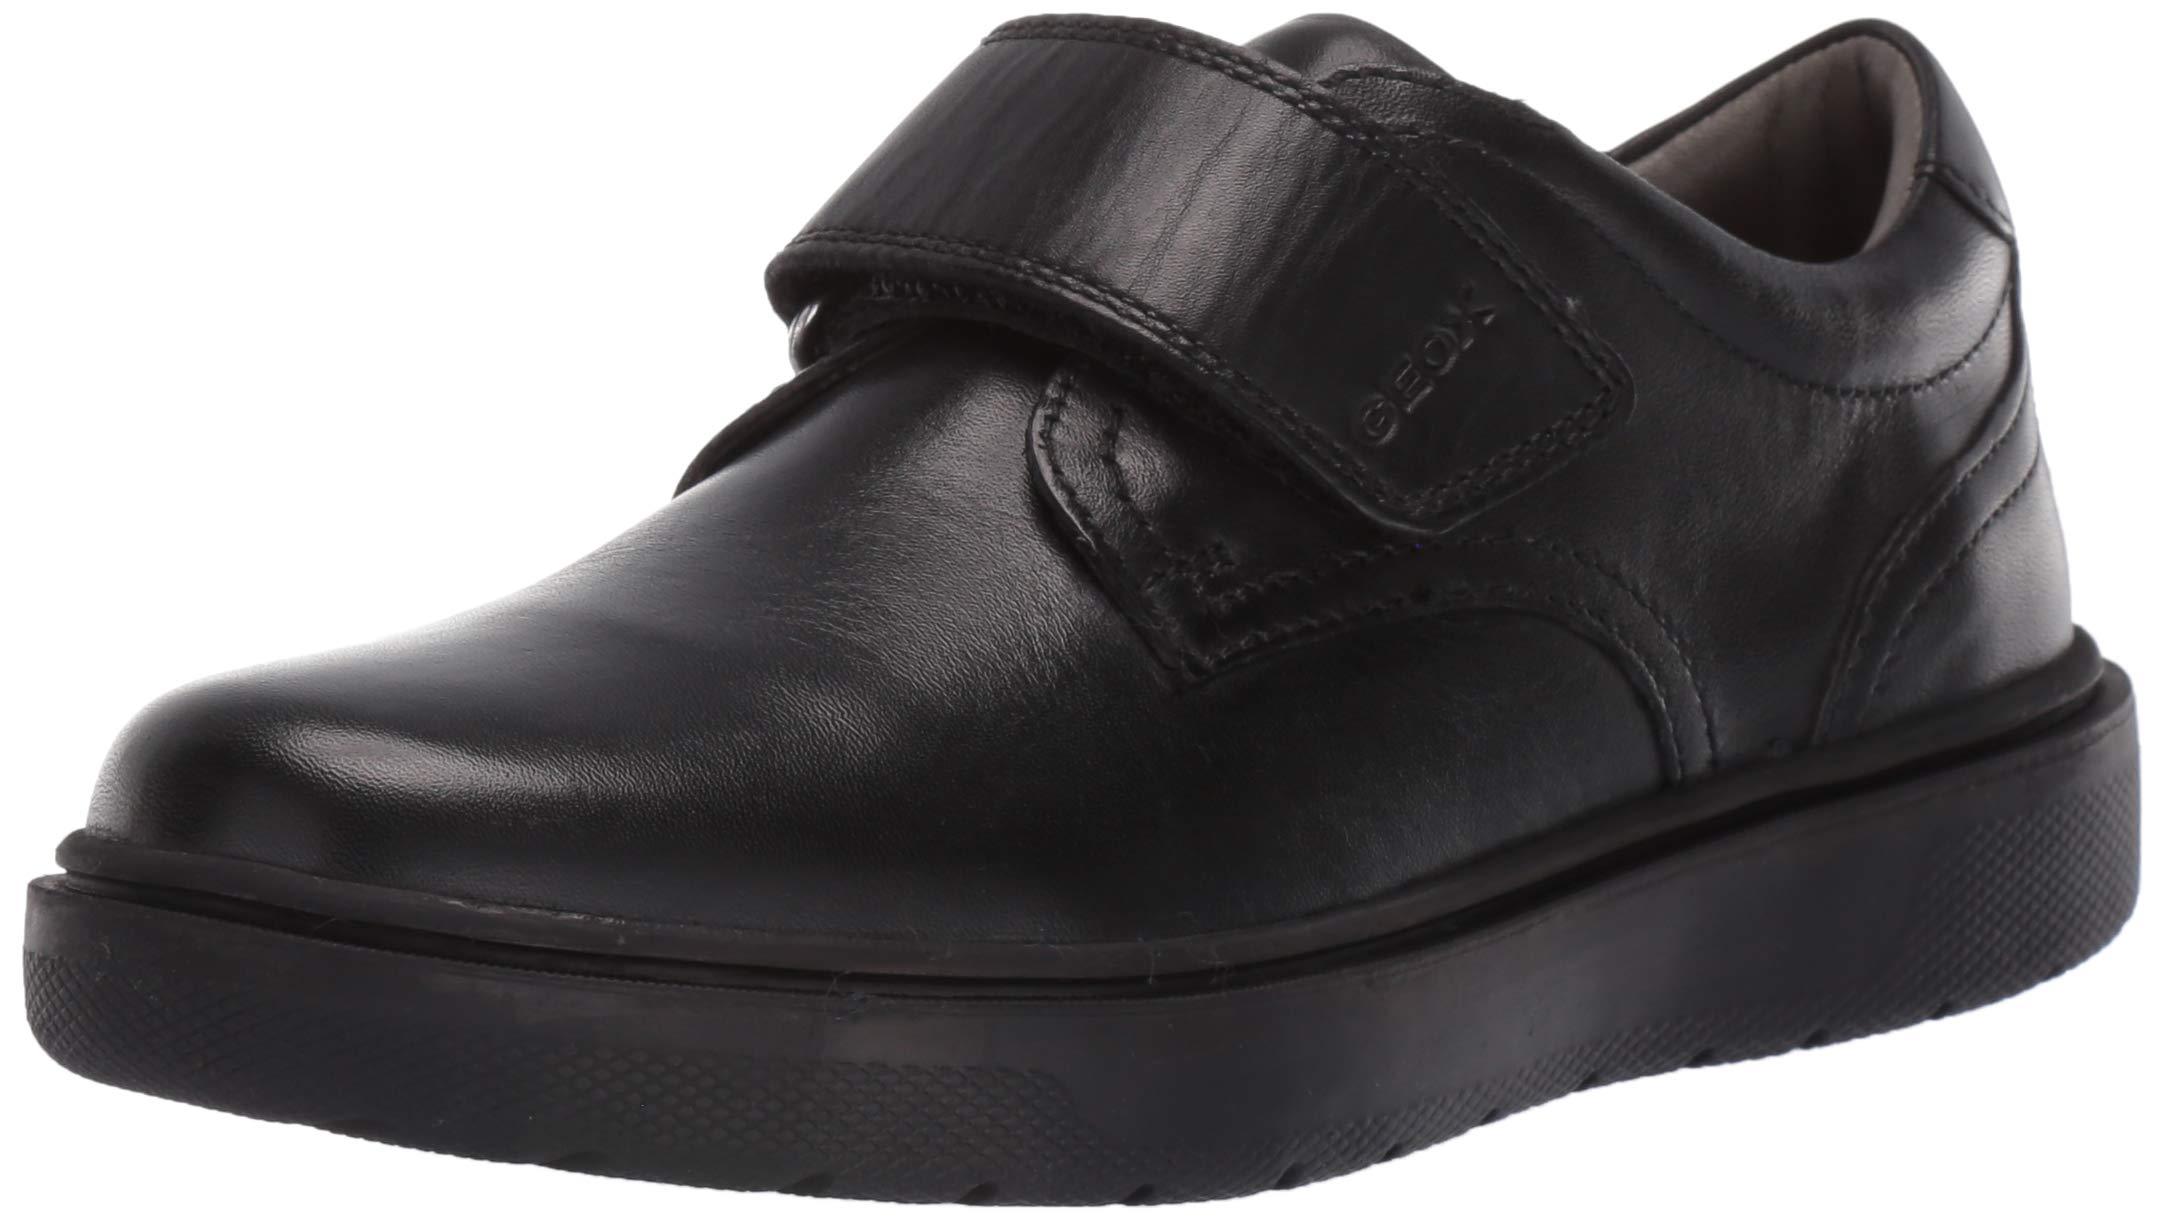 Geox RIDDOCK BOY 4 Velcro Dress Sneaker